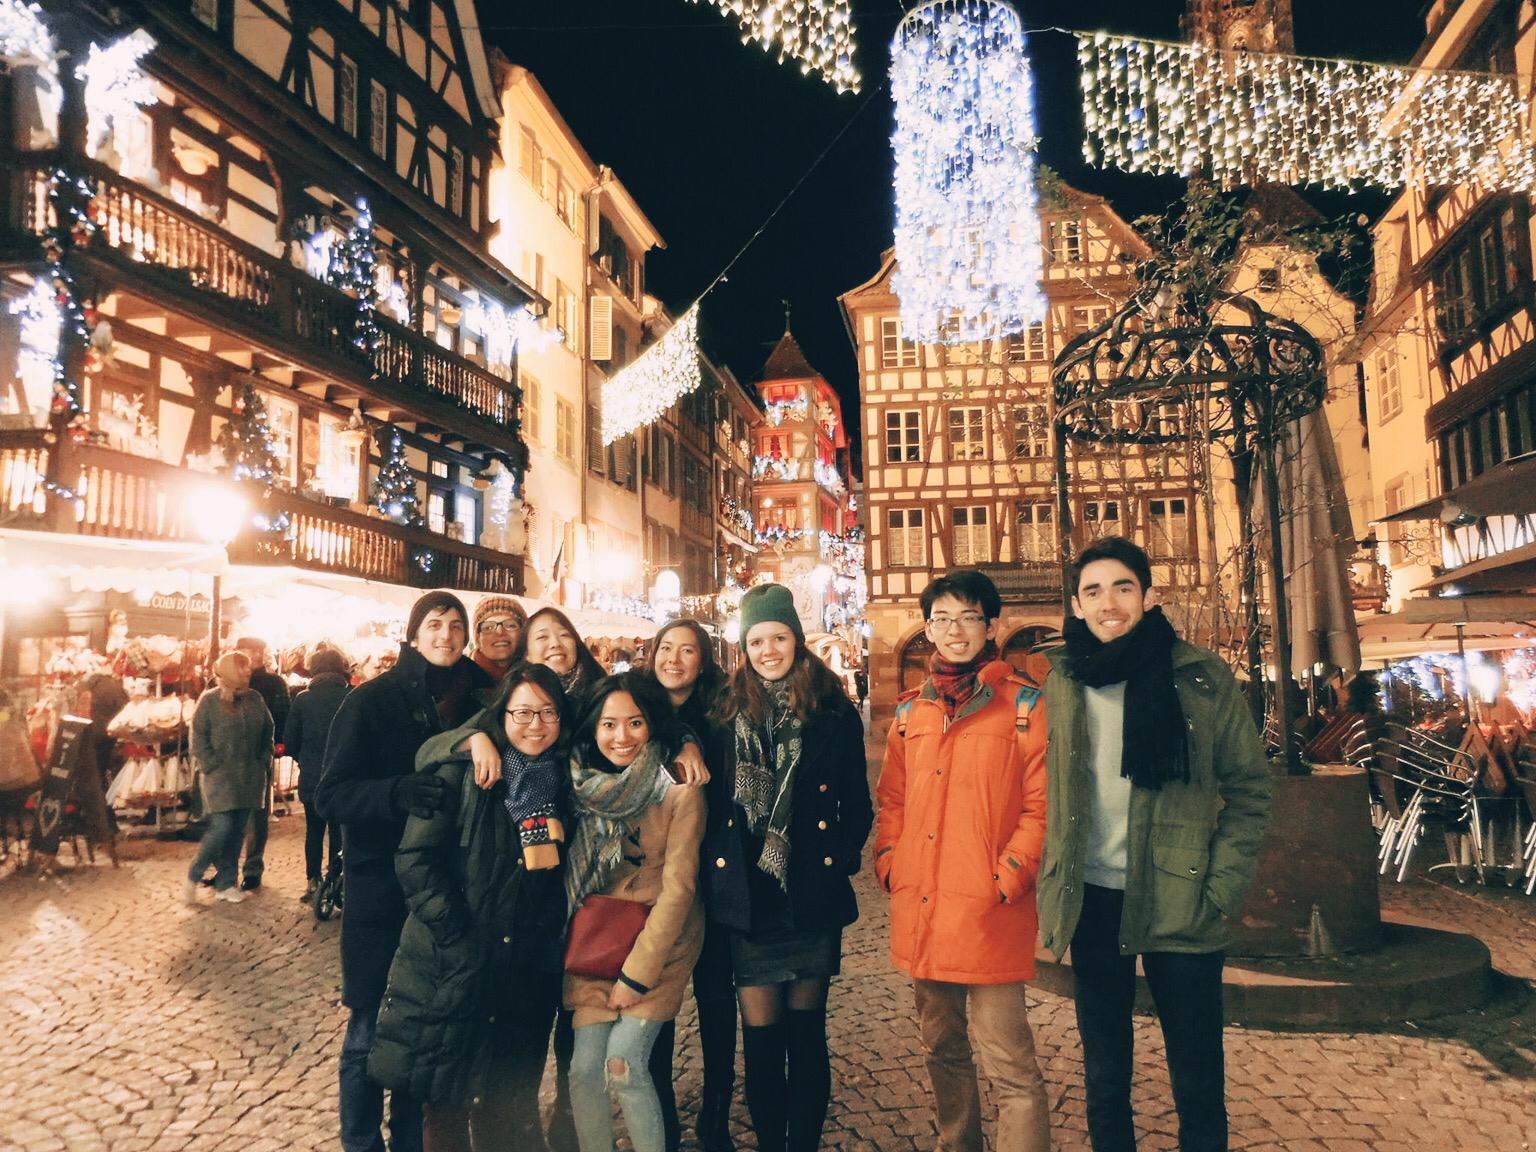 Jalan-jalan malam di Strasbourg's Christmas market bersama teman-teman kampus setelah menghadiri legal hearing di European Court of Human Rights